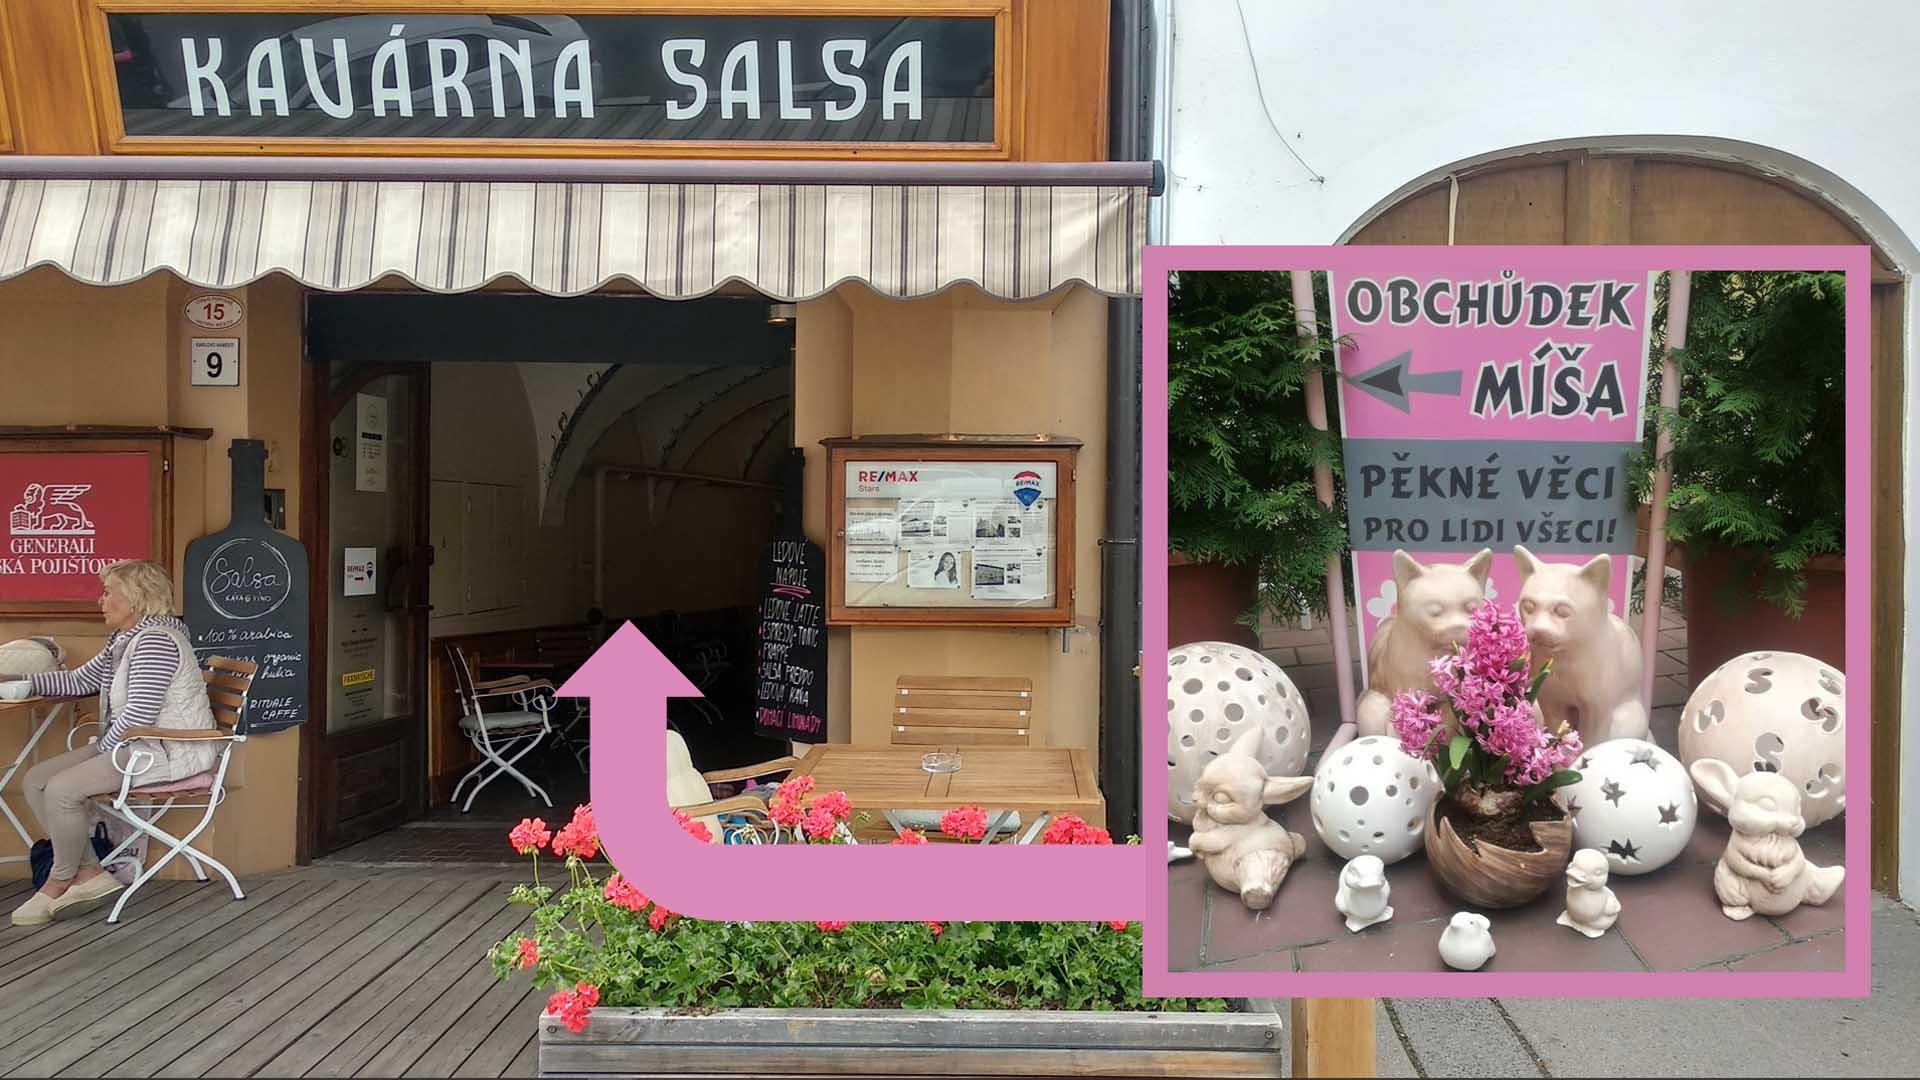 Obchůdek Míša & Míša najdete za kavárnou Salsa na Karlově náměstí v Třebíči